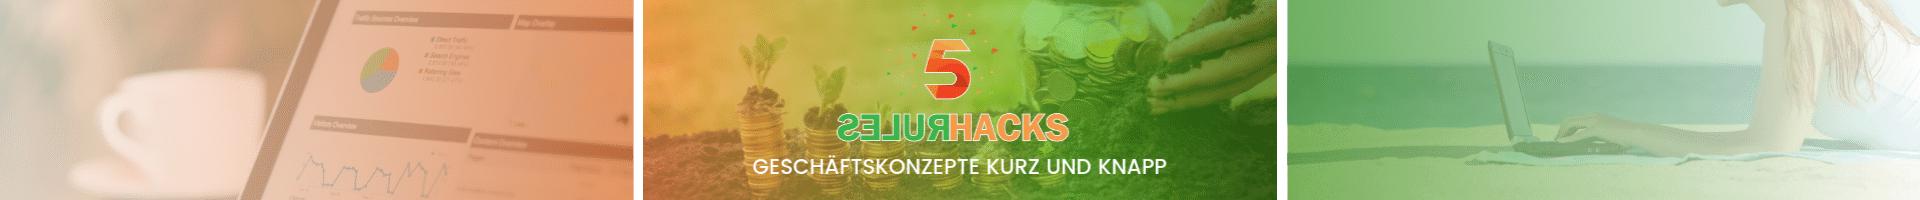 5rules5hacks.de